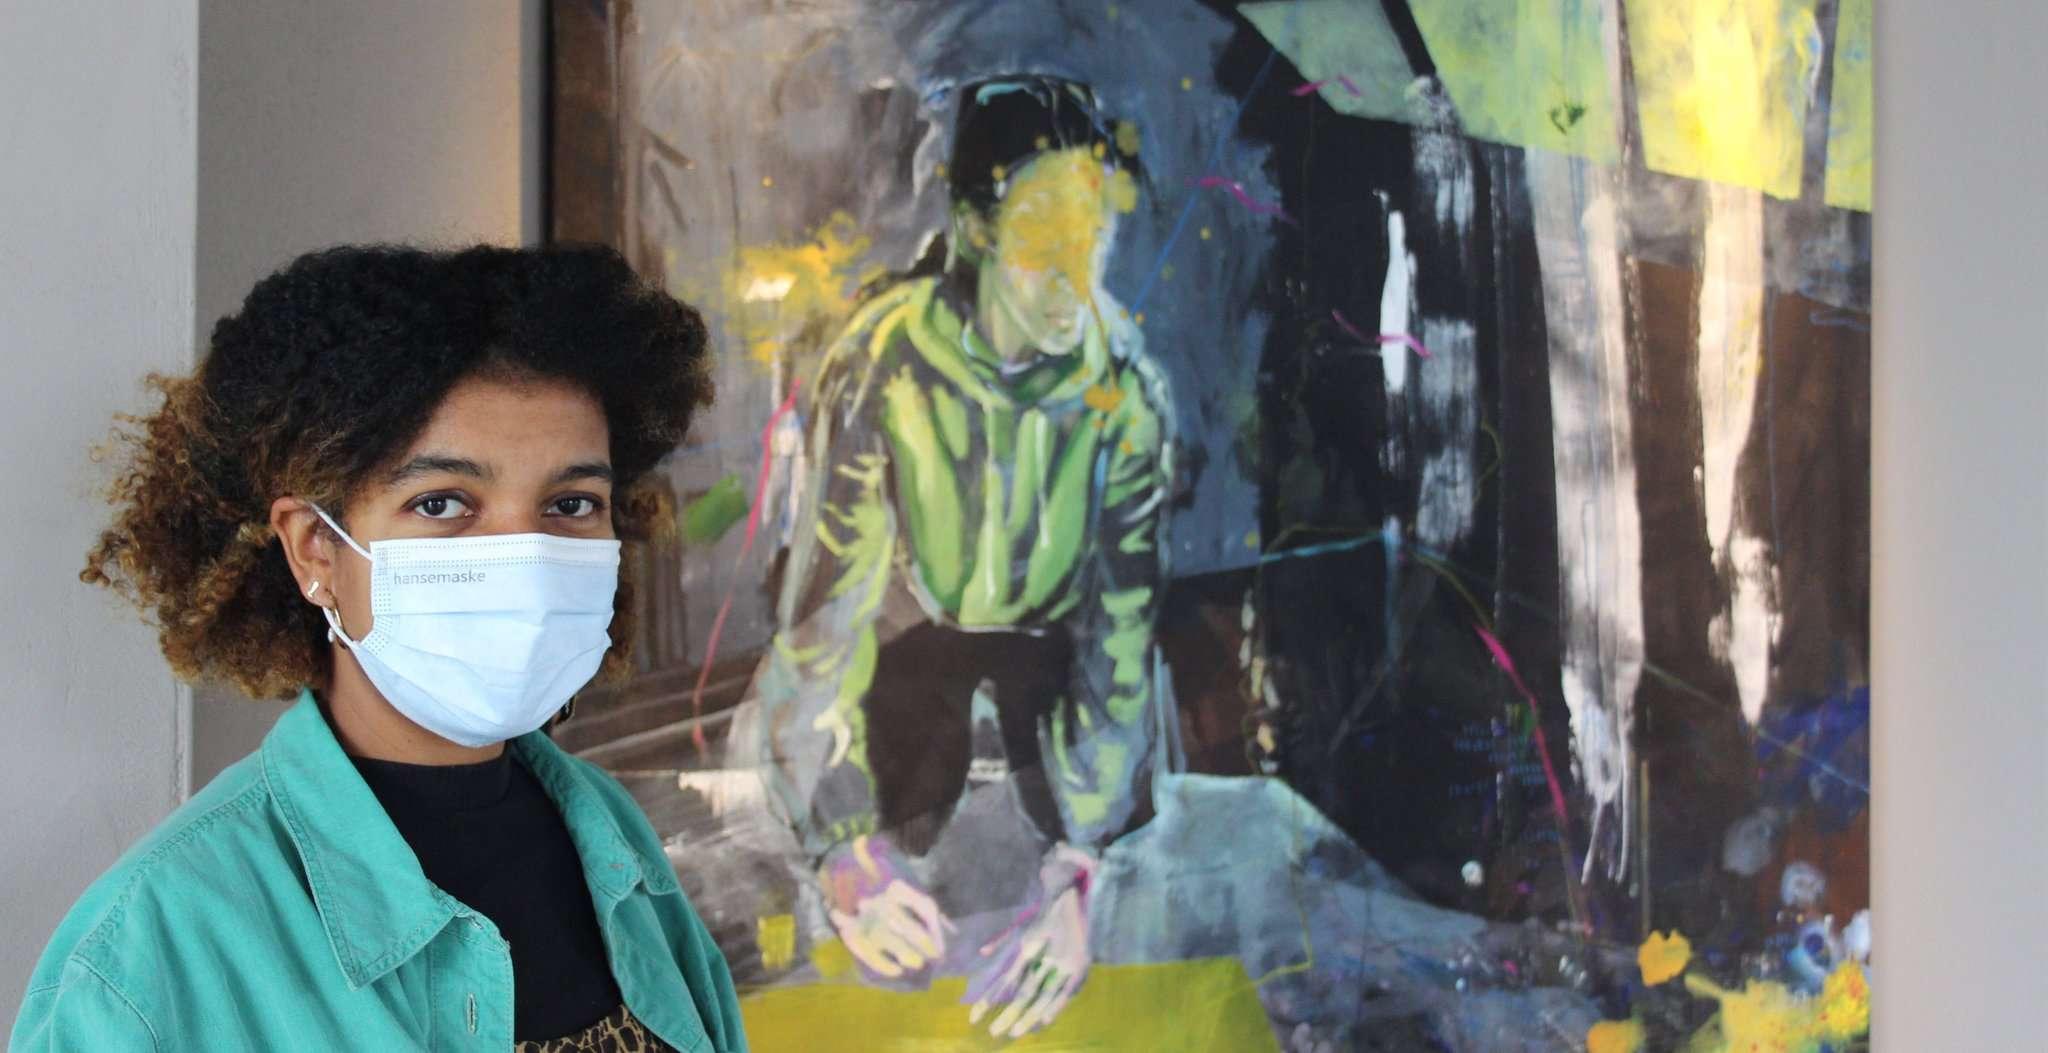 Die angehende Kunsttherapeutin Raja Golt stellt vom 19. April bis 3. Mai sechs ihrer Werke in der ehemaligen Güterhalle des Ottersberger Bahnhofs aus Foto: Björn Blaak